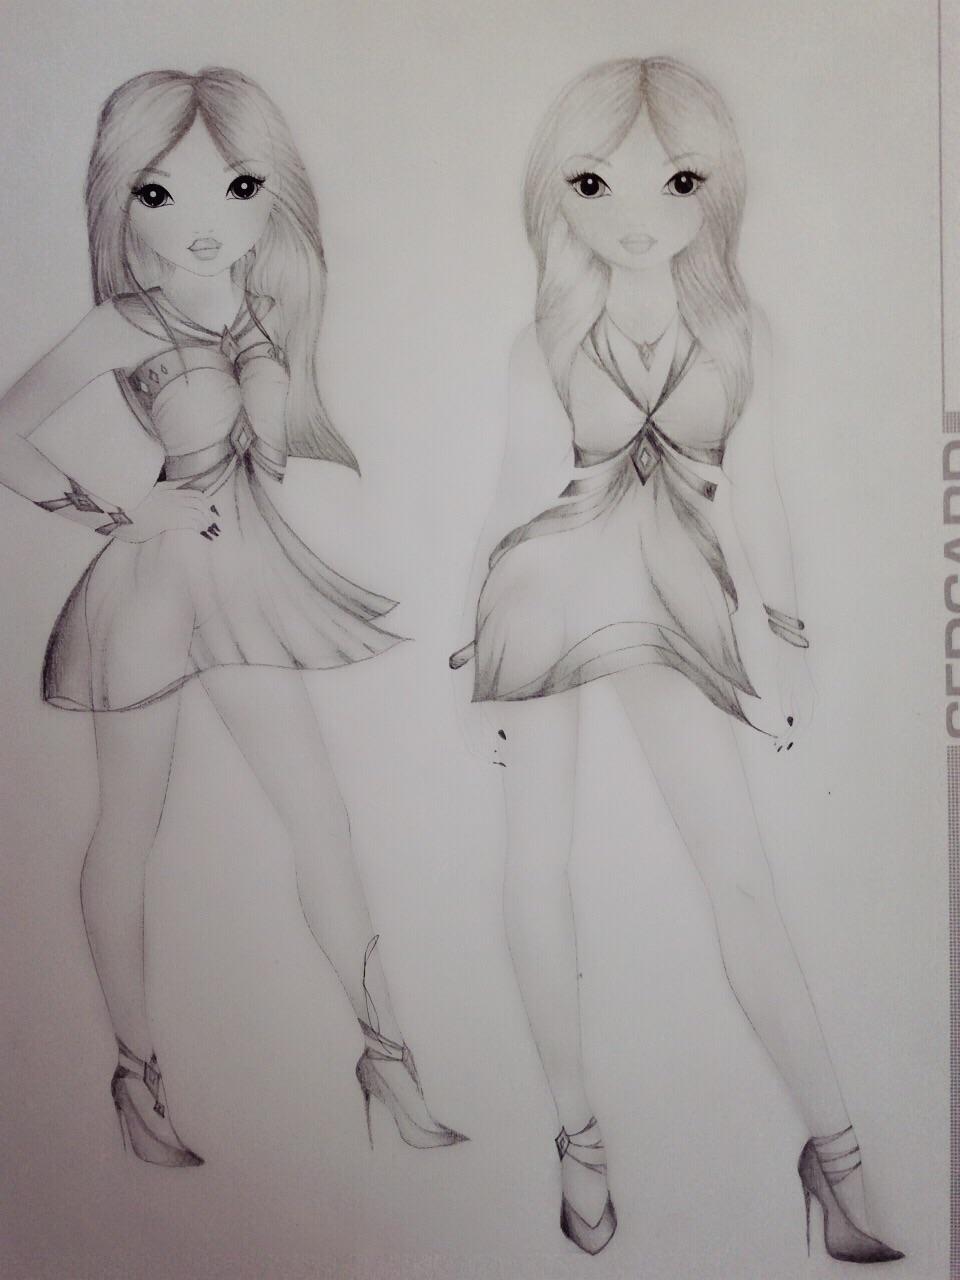 Anfnger im Zeichnen oder Talent Hobby Zeichnung Begabung